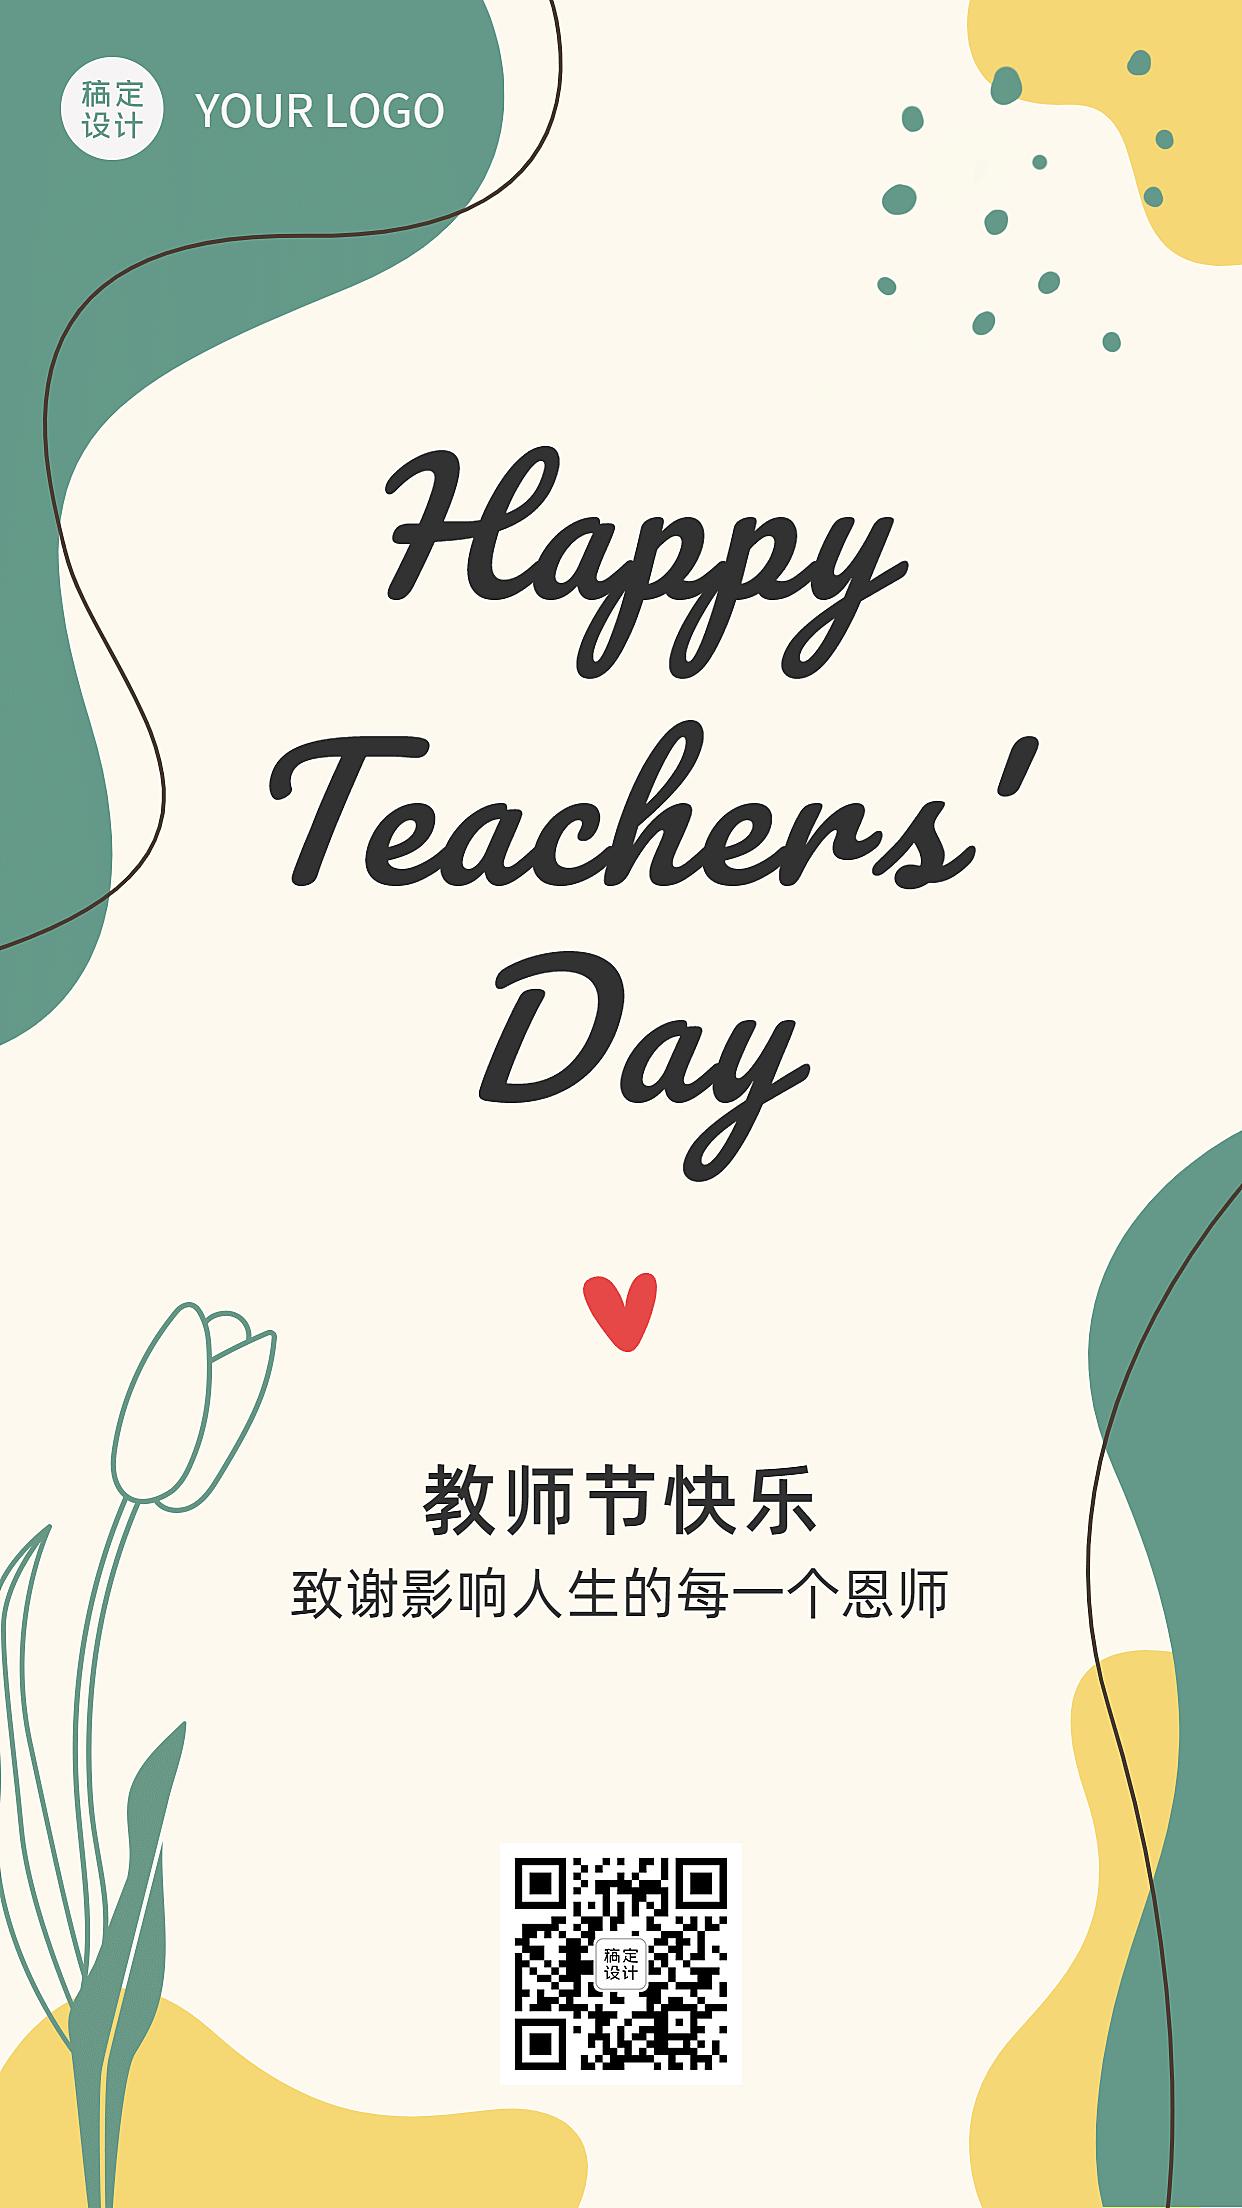 教师节祝福感谢老师贺卡手机海报